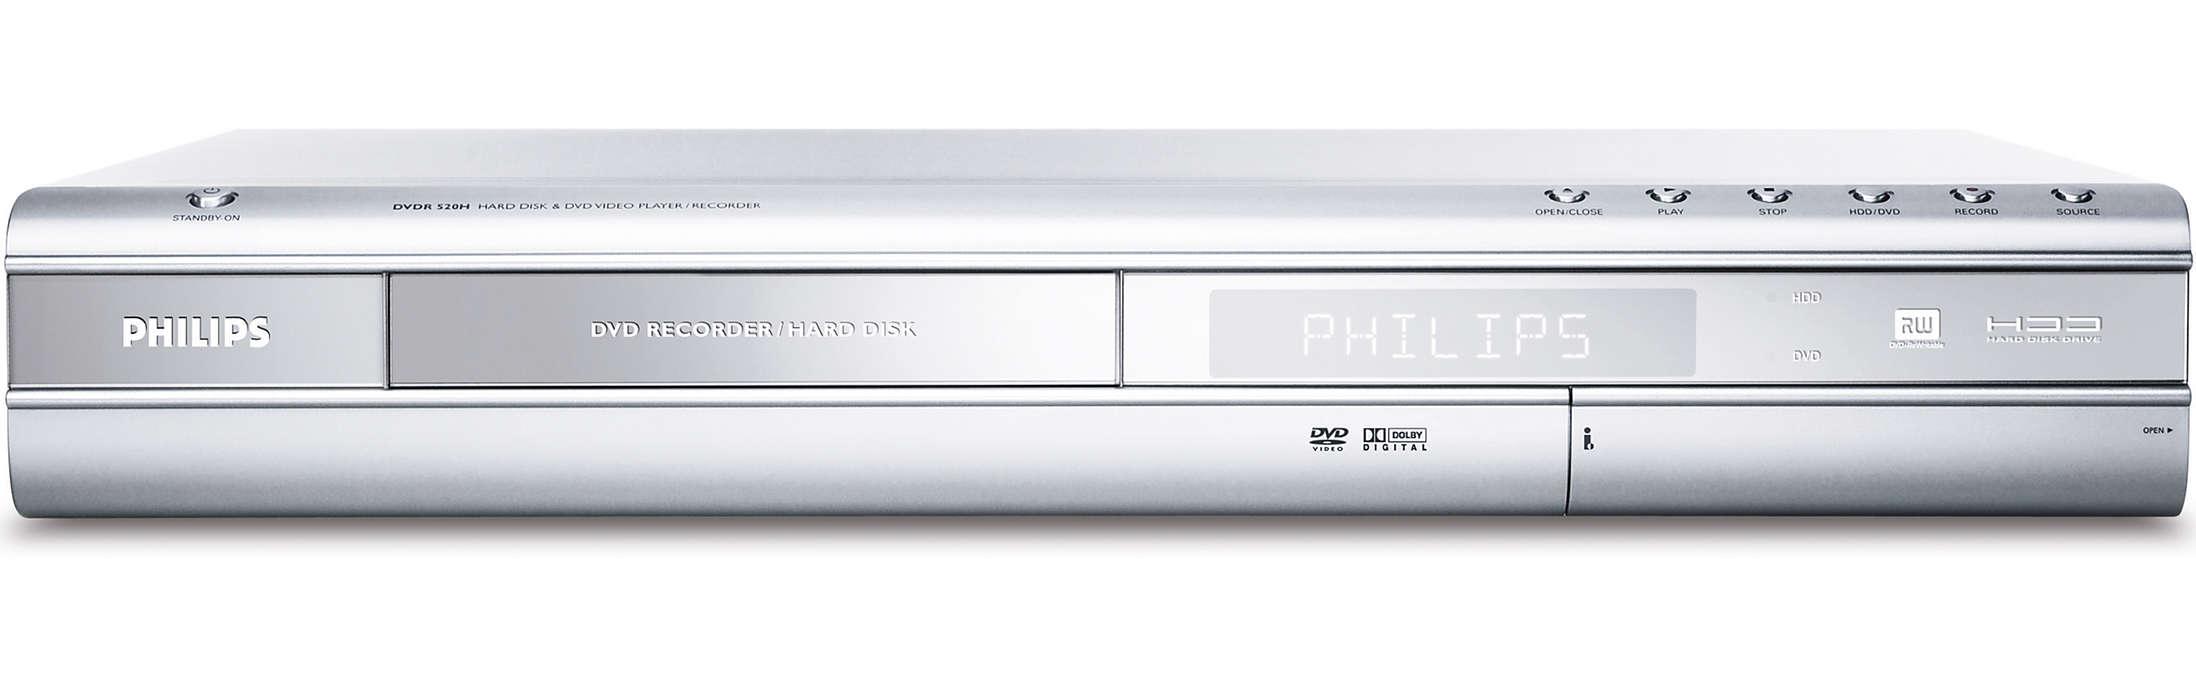 DVD-opptaker/harddisk